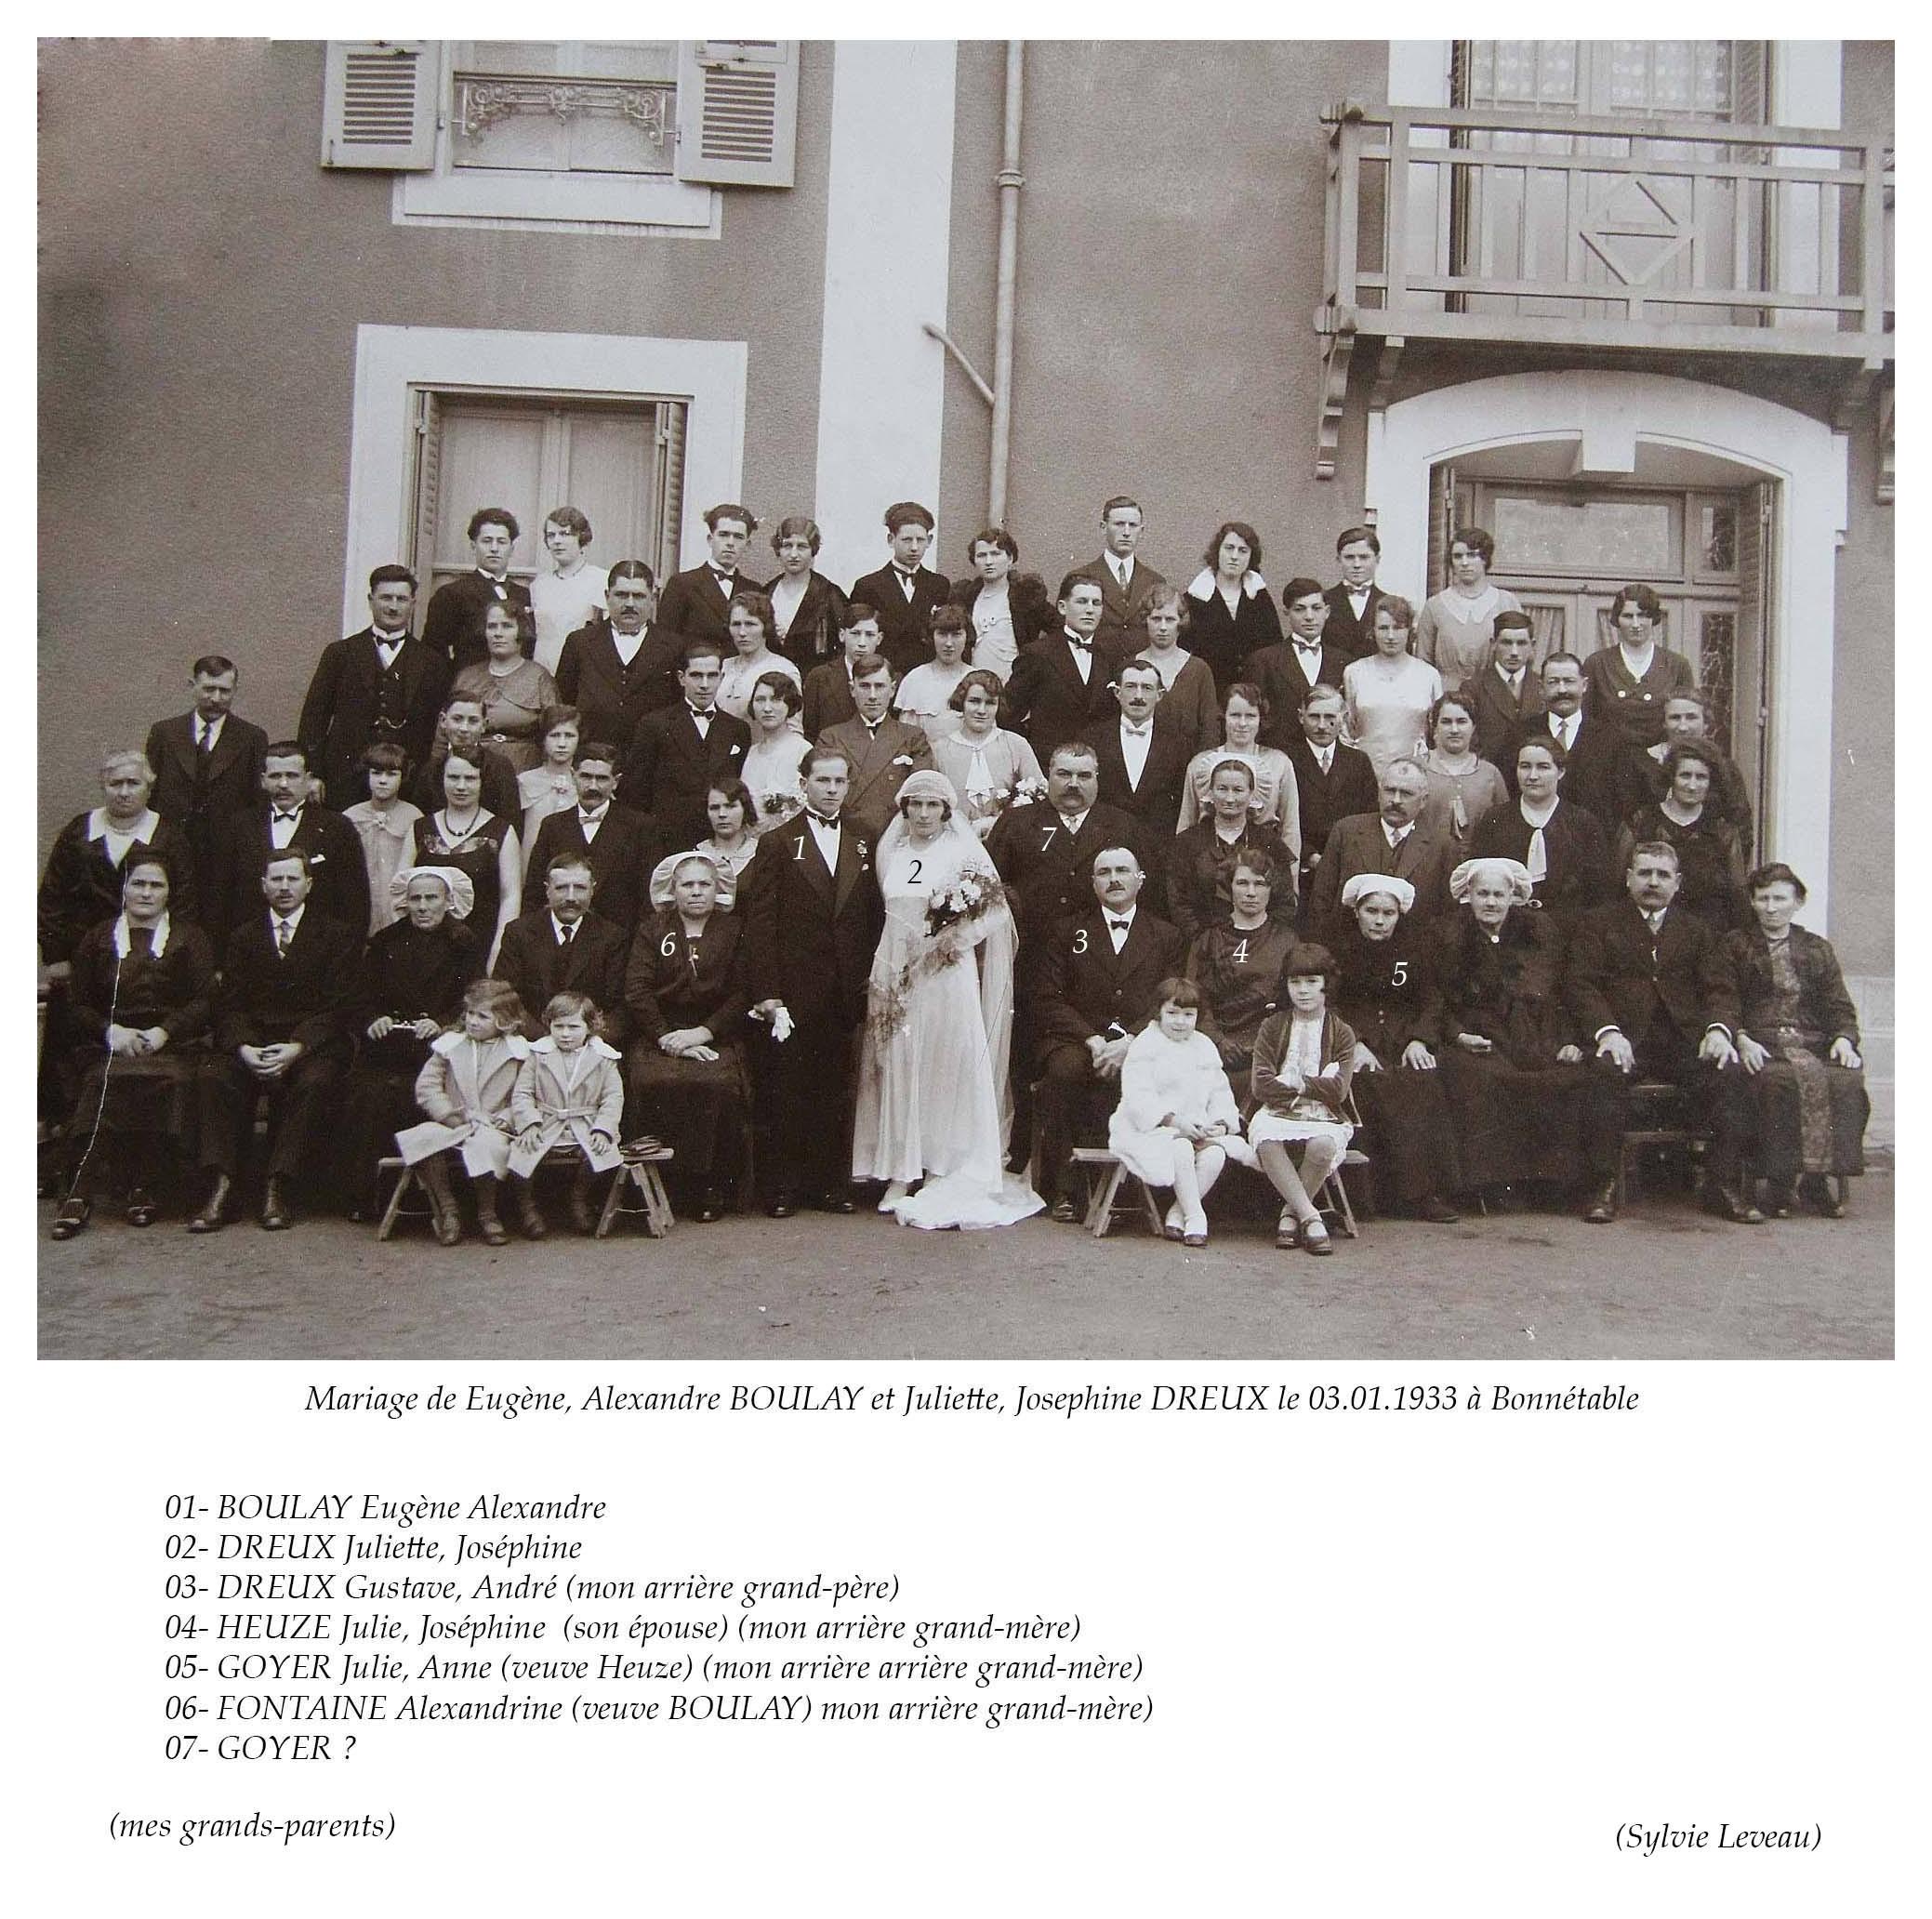 Bonnétable - Mariage - BOULAY Eugène, Alexandre et DREUX Juliette, Joséphine - 3 janvier 1933 (Sylvie Leveau)